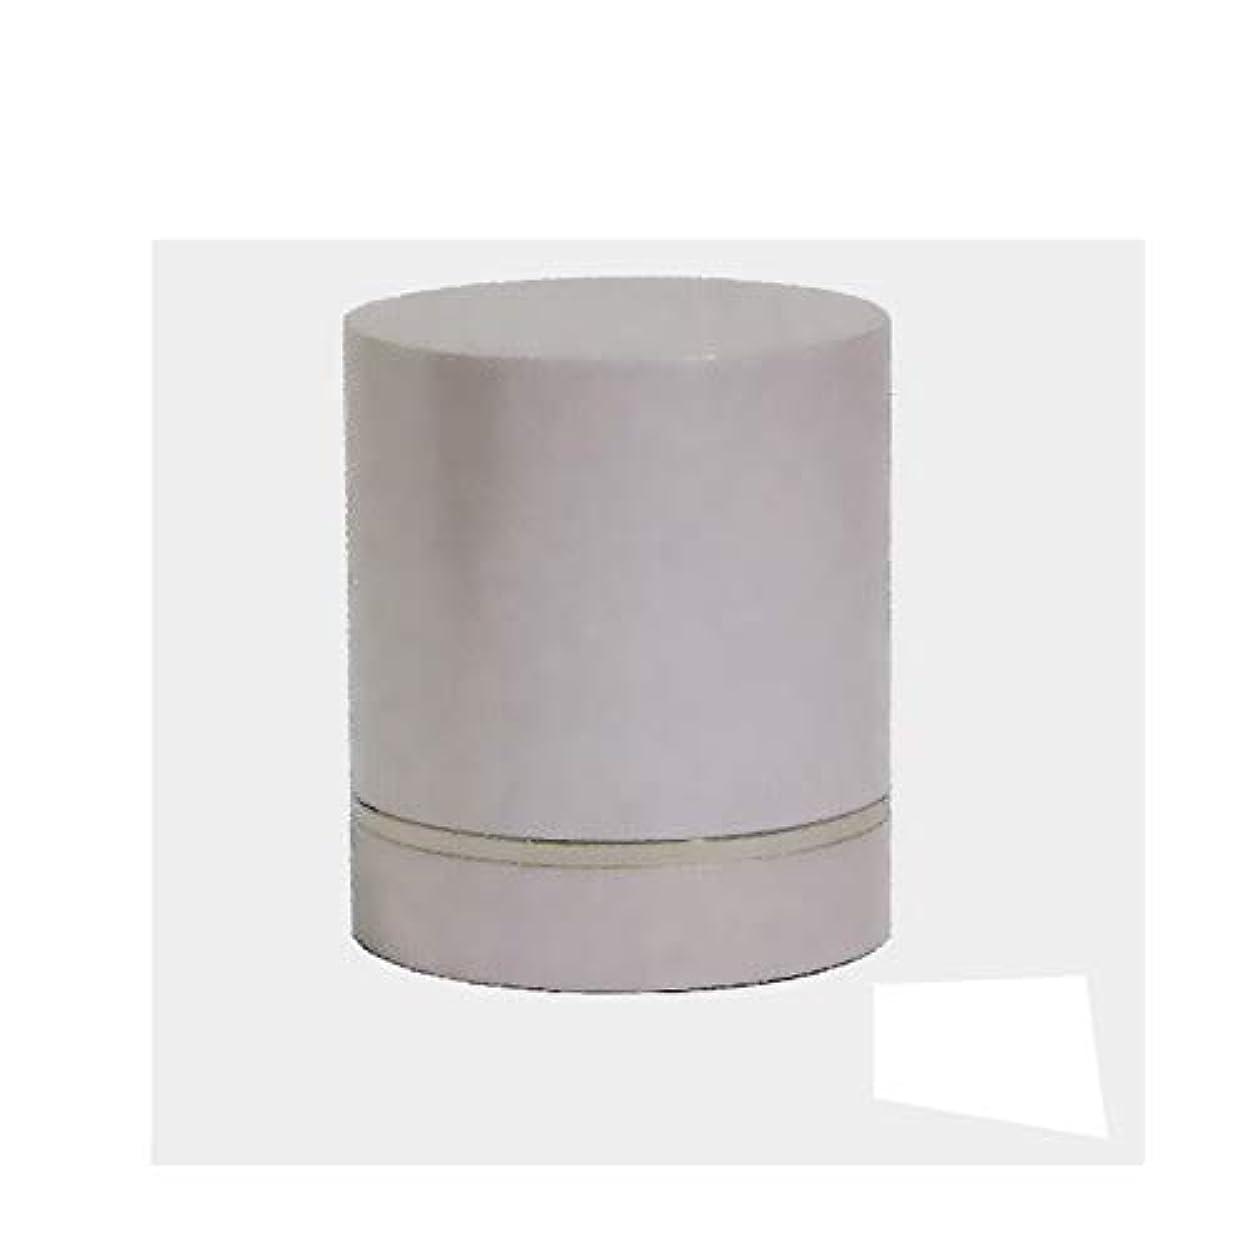 奨励します勇気良心的骨壷 手元供養 メモリアルボックス 琴柱 HA-KO-012 銀 真鍮 遺灰 遺骨 パウダーカプセル 骨壺 仏具 仏壇 マイ骨つぼ 日本製 ハK 代不